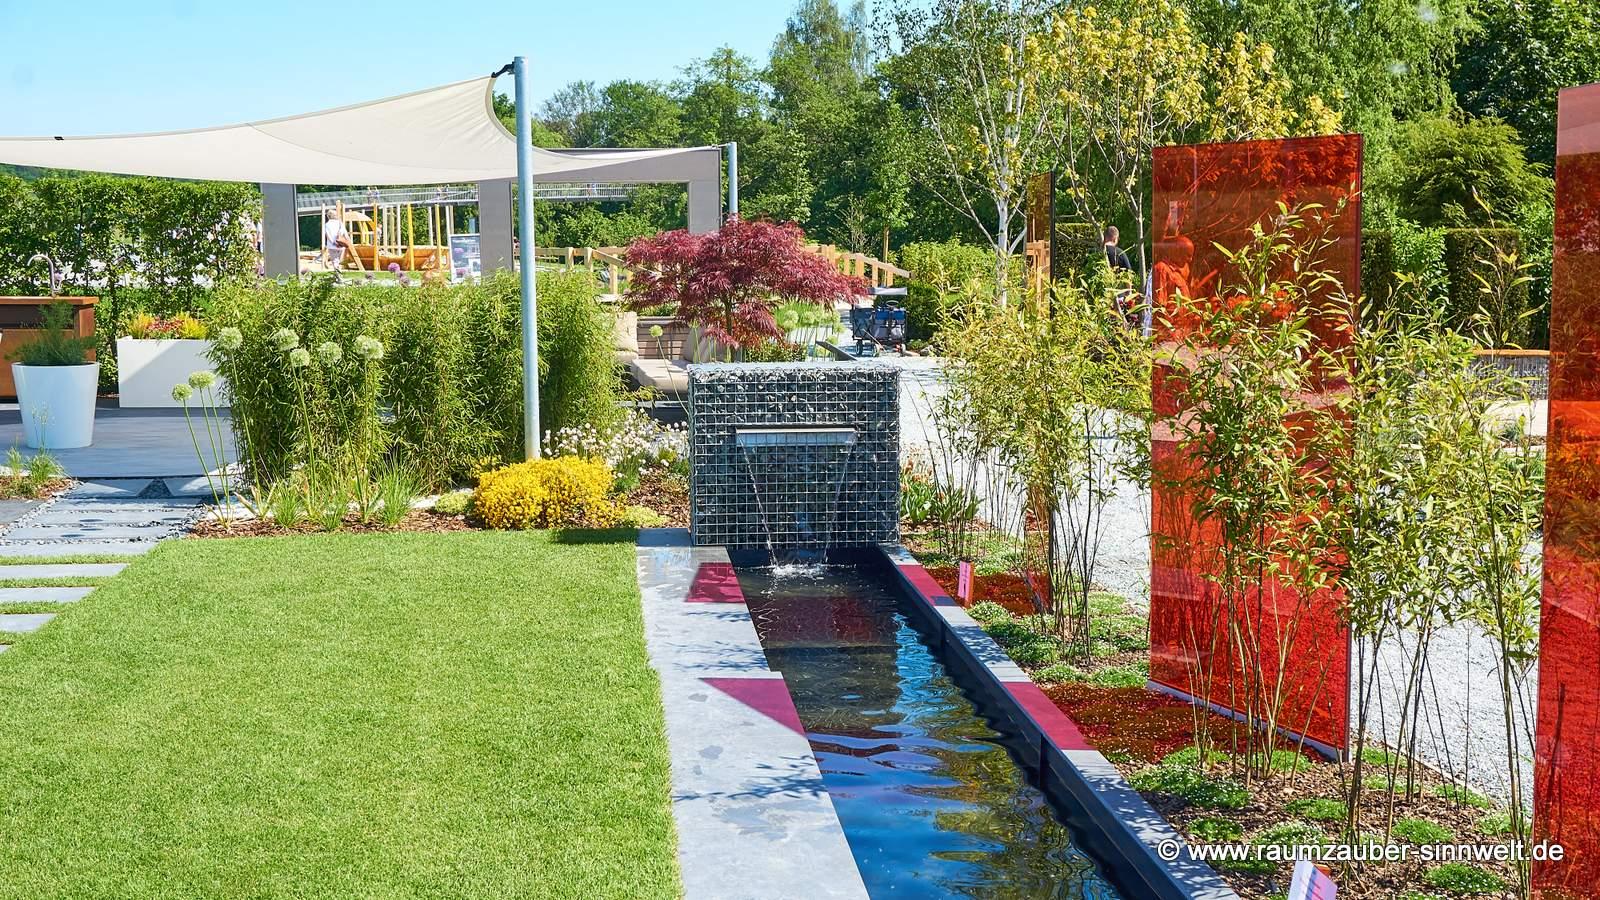 Gartengestaltung mit Wasserspiel